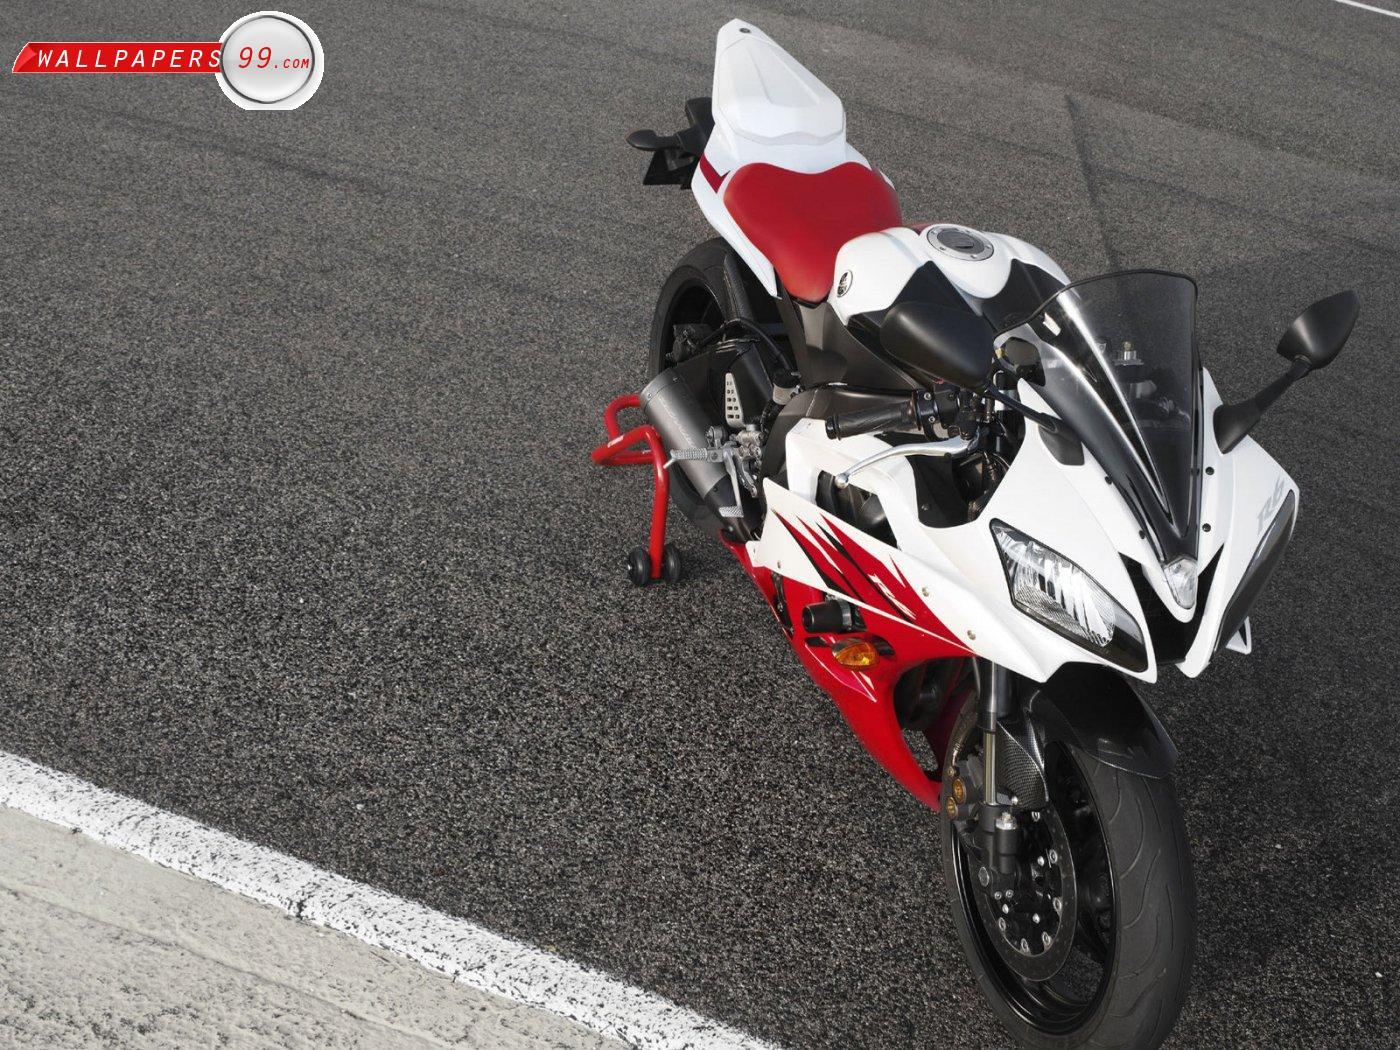 CBR600 Powerline NUEVA KYOTO ALTA PERFORMANCE MOTORCYCLE BATERÍA YTZ10S YZF R6